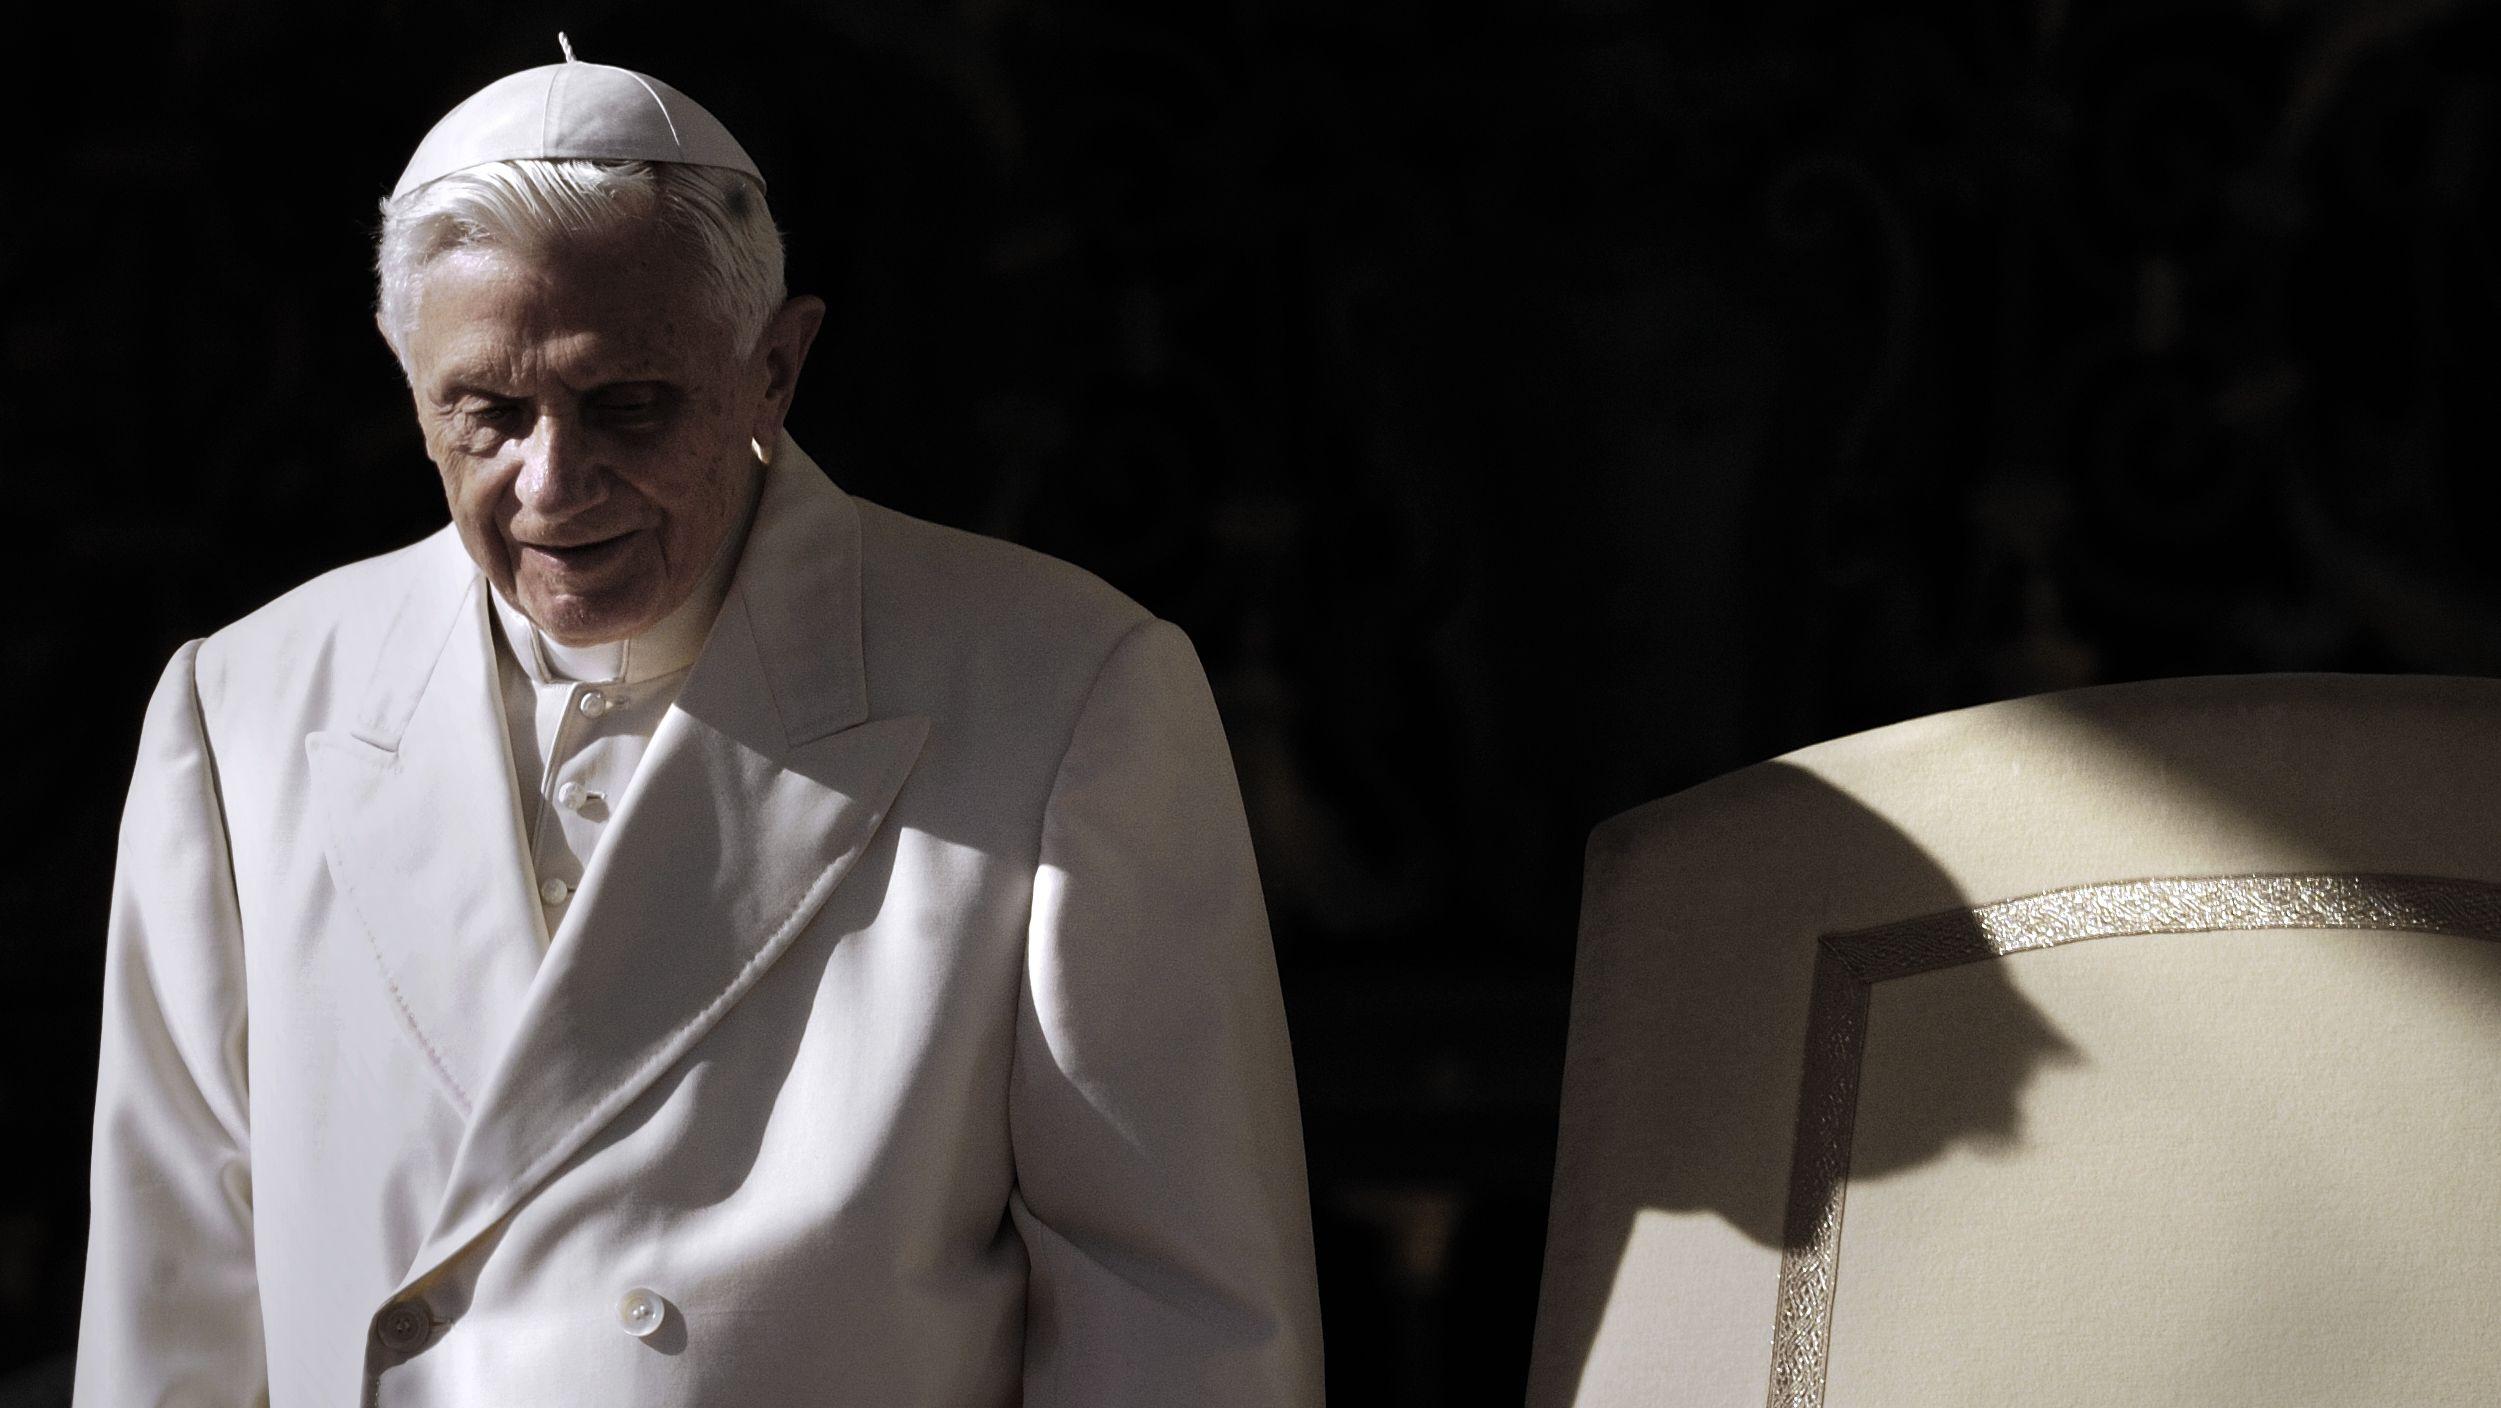 Papst Benedikt XVI. bei einer Generalaudienz 2012.